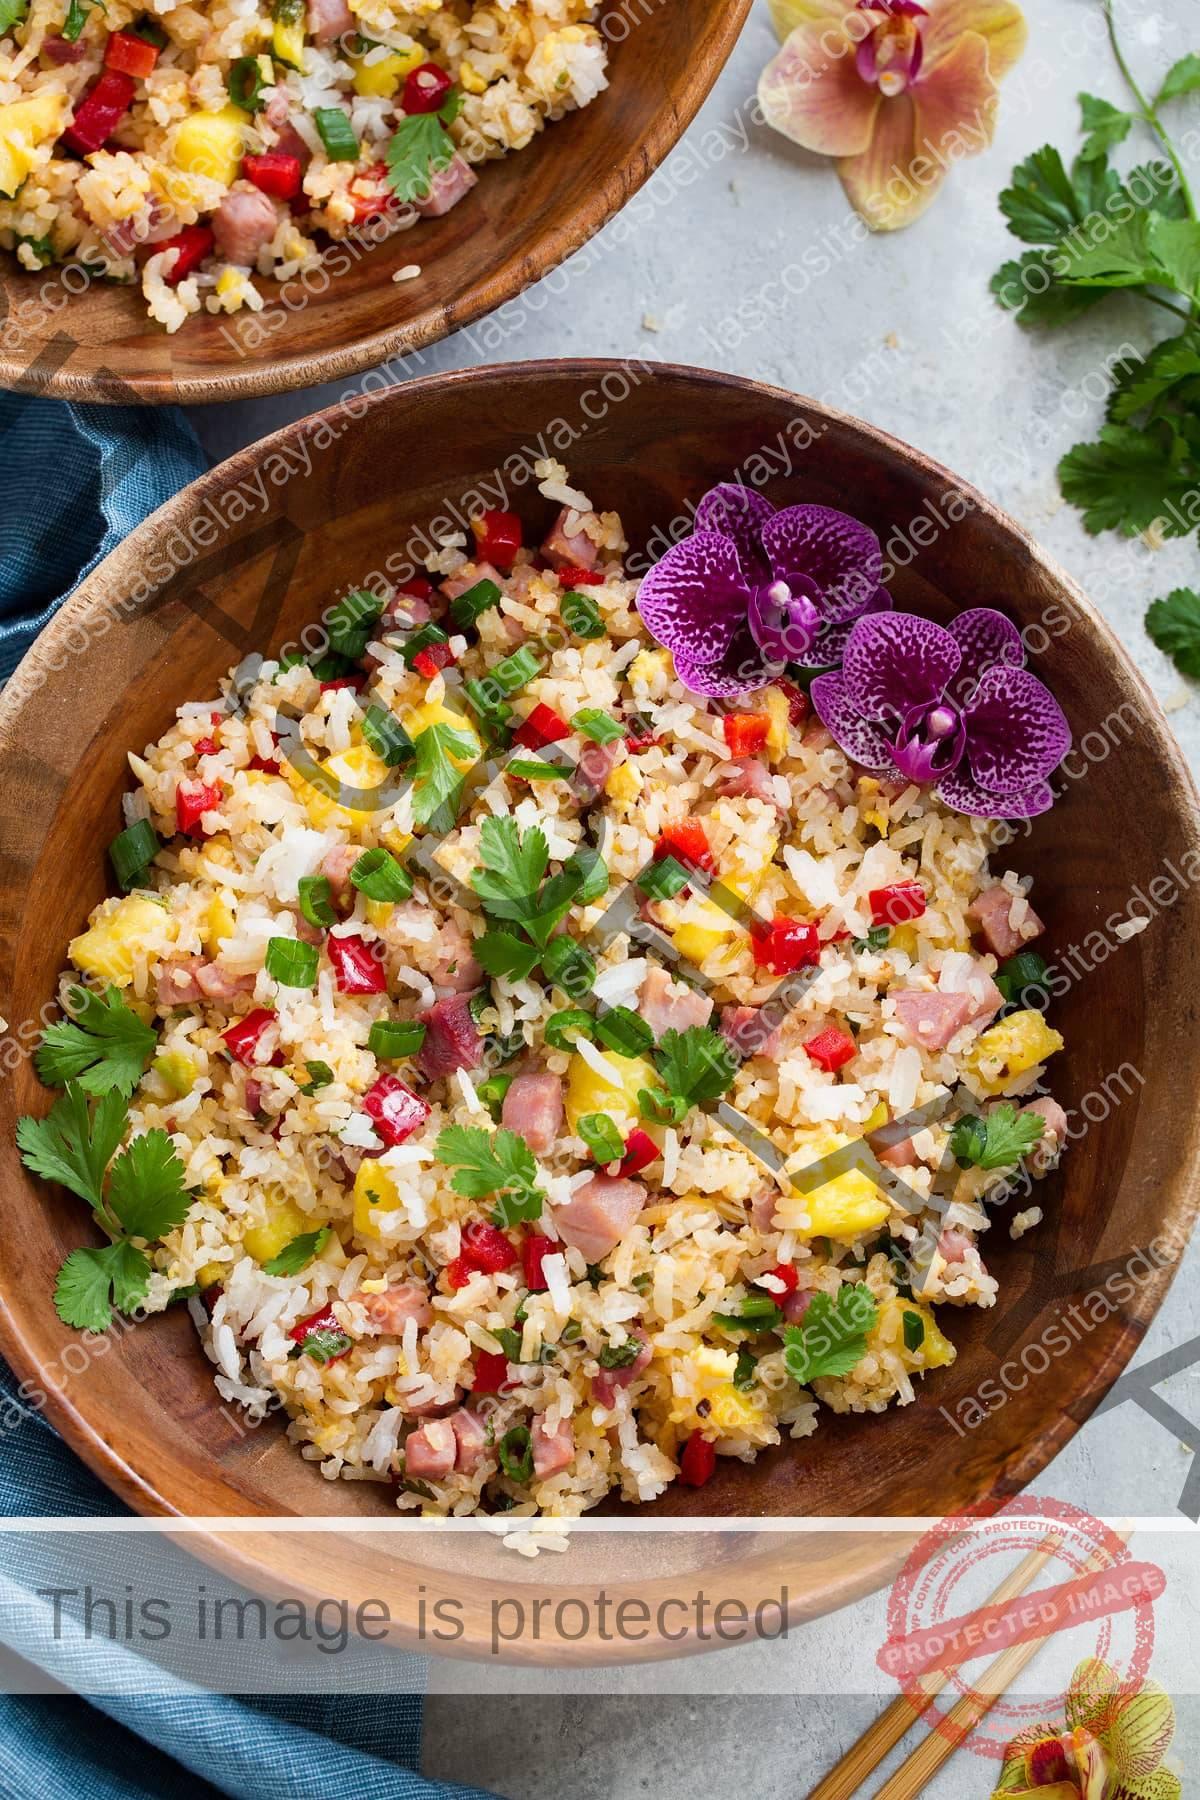 Imagen aérea de arroz frito hawaiano en un tazón.